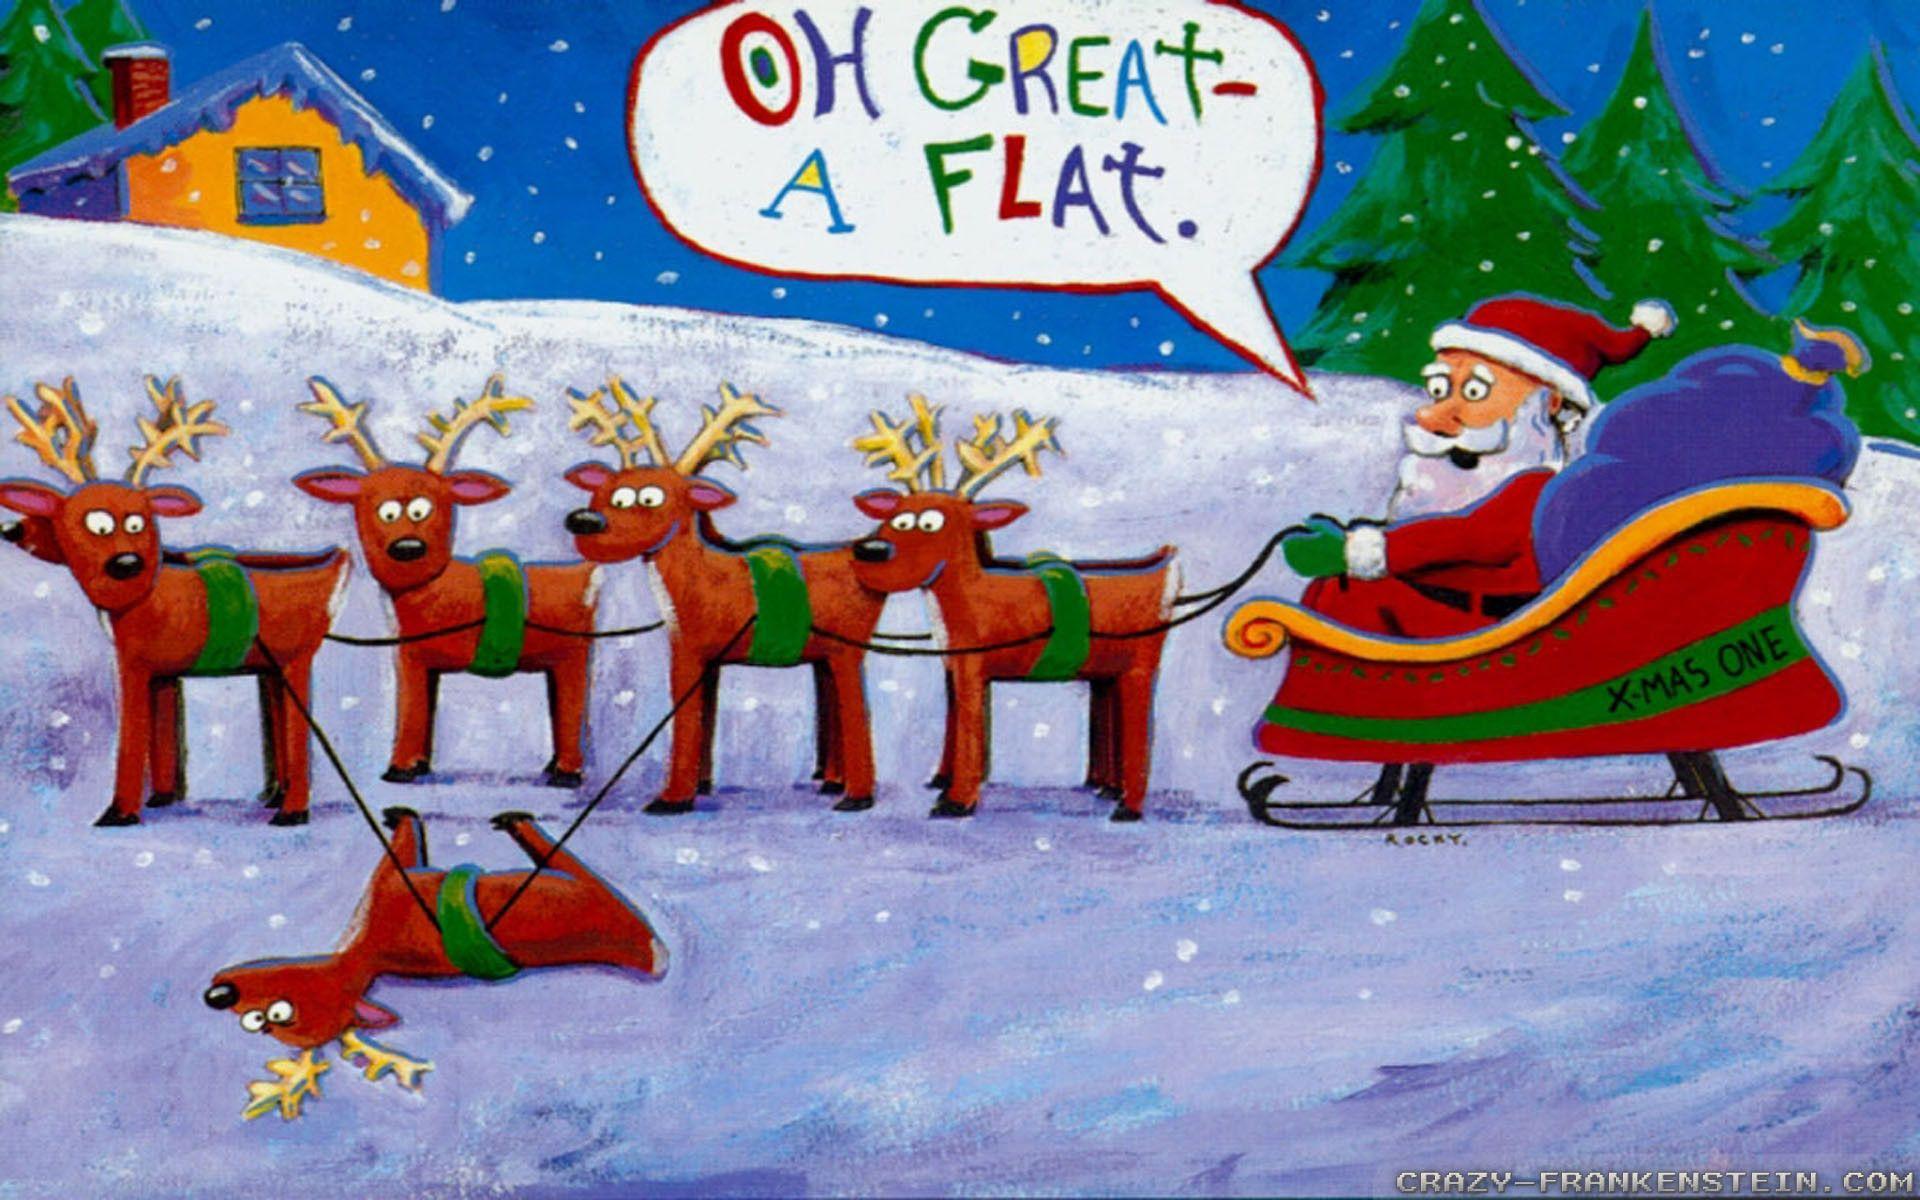 Funny Christmas Wallpaper.Funny Christmas Wallpapers Top Free Funny Christmas